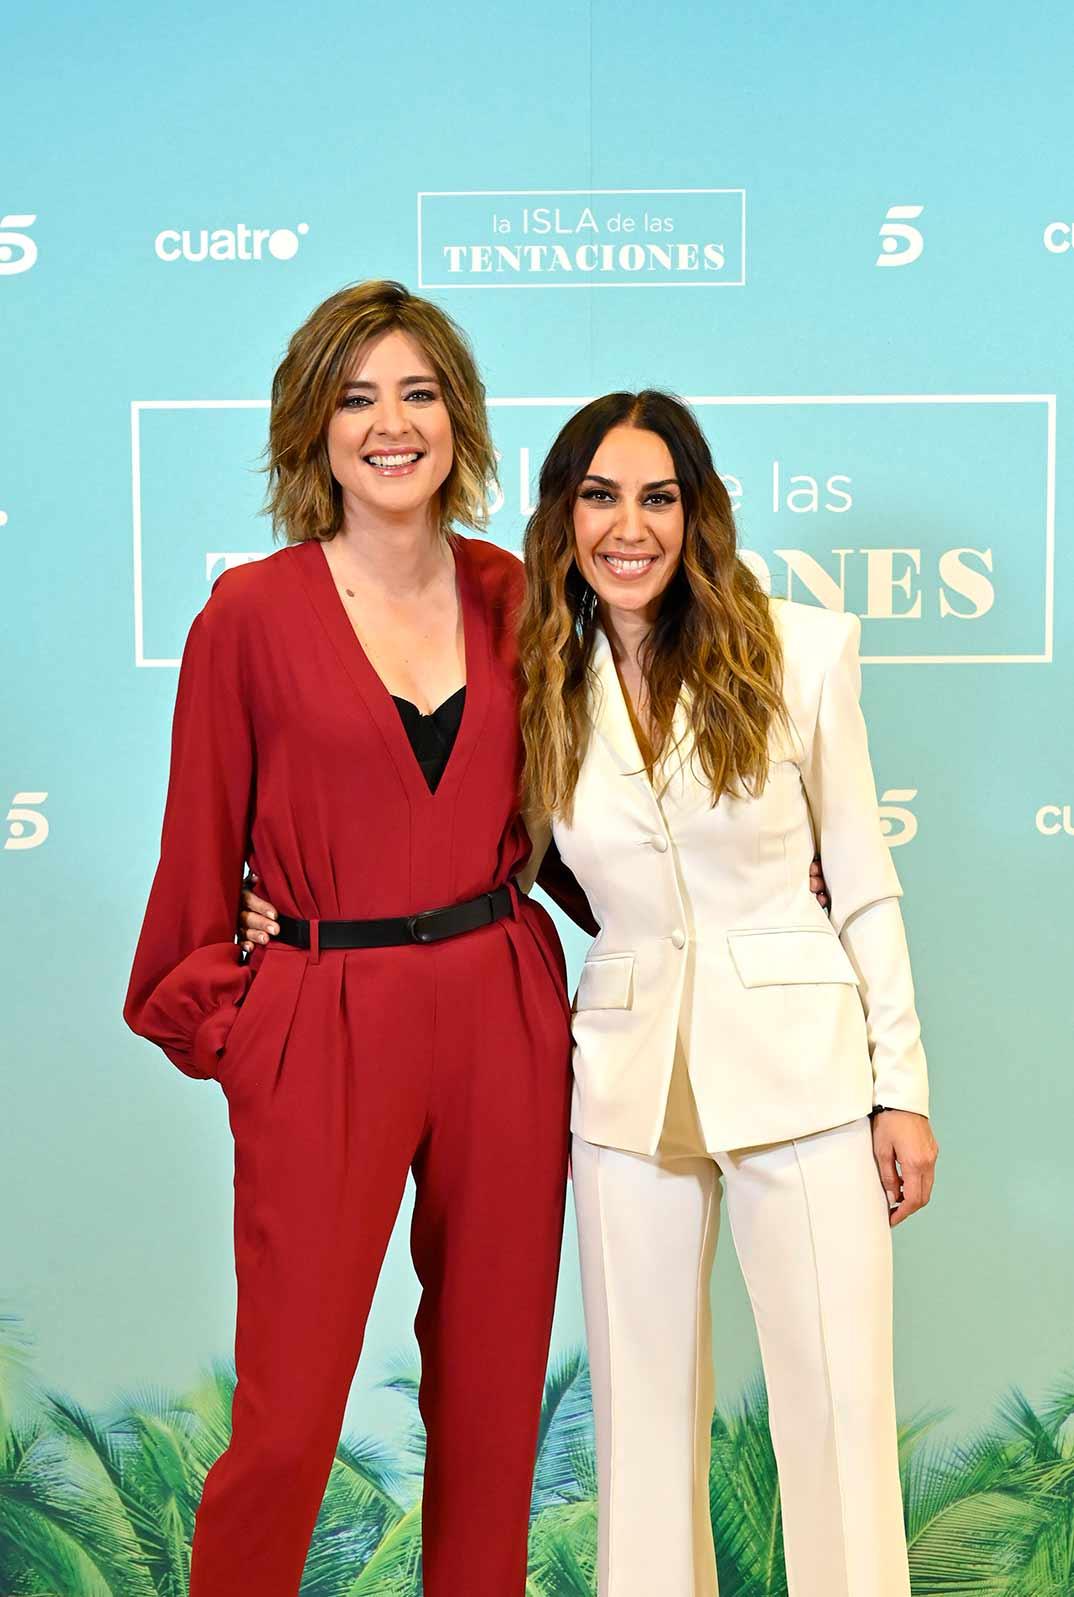 Sandra Barneda y Mónica Naranjo - La isla de las tentaciones © Mediaset